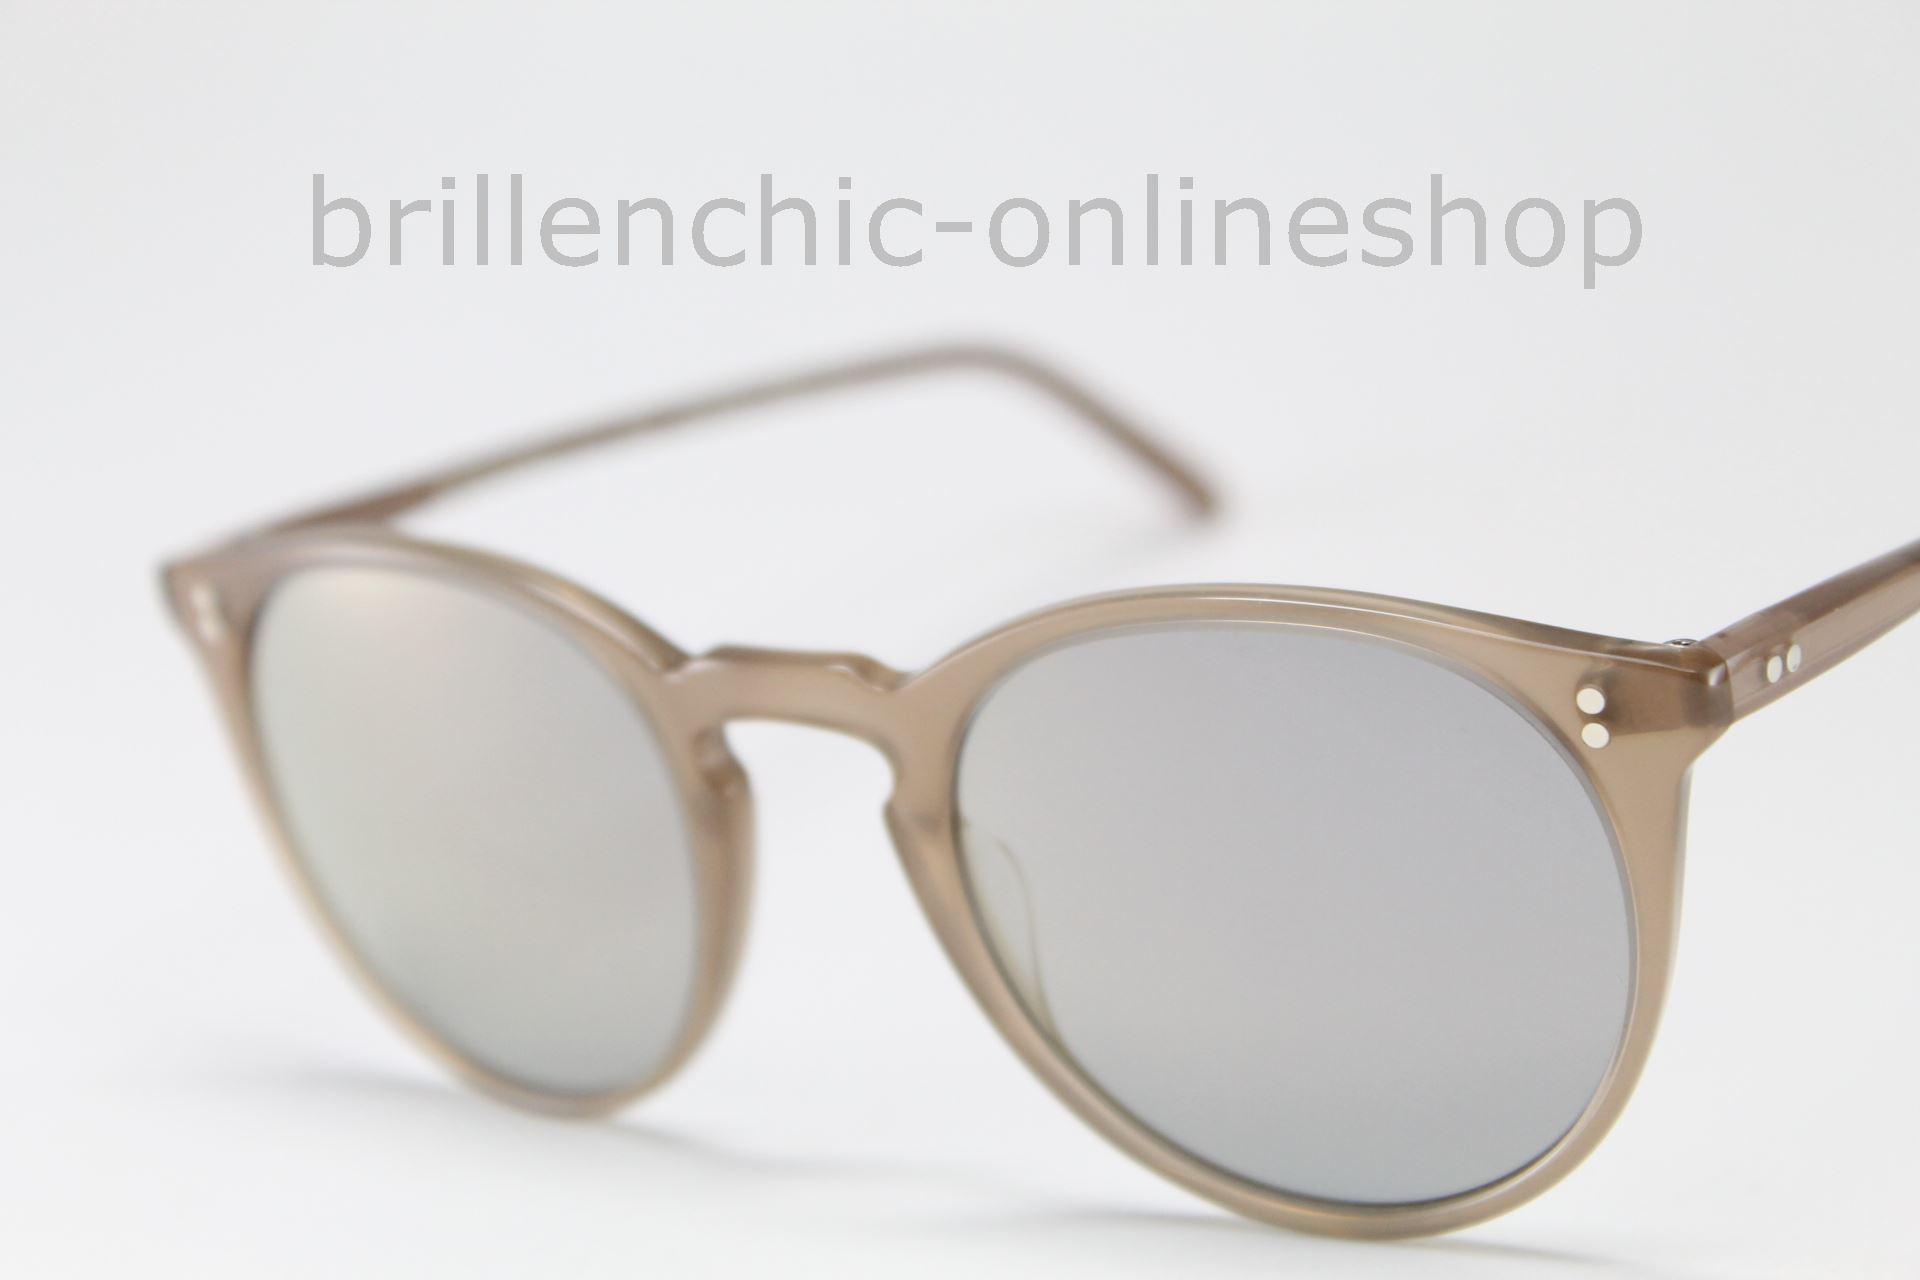 549aec28b94 Brillenchic - onlineshop Berlin Ihr starker Partner für exklusive ...